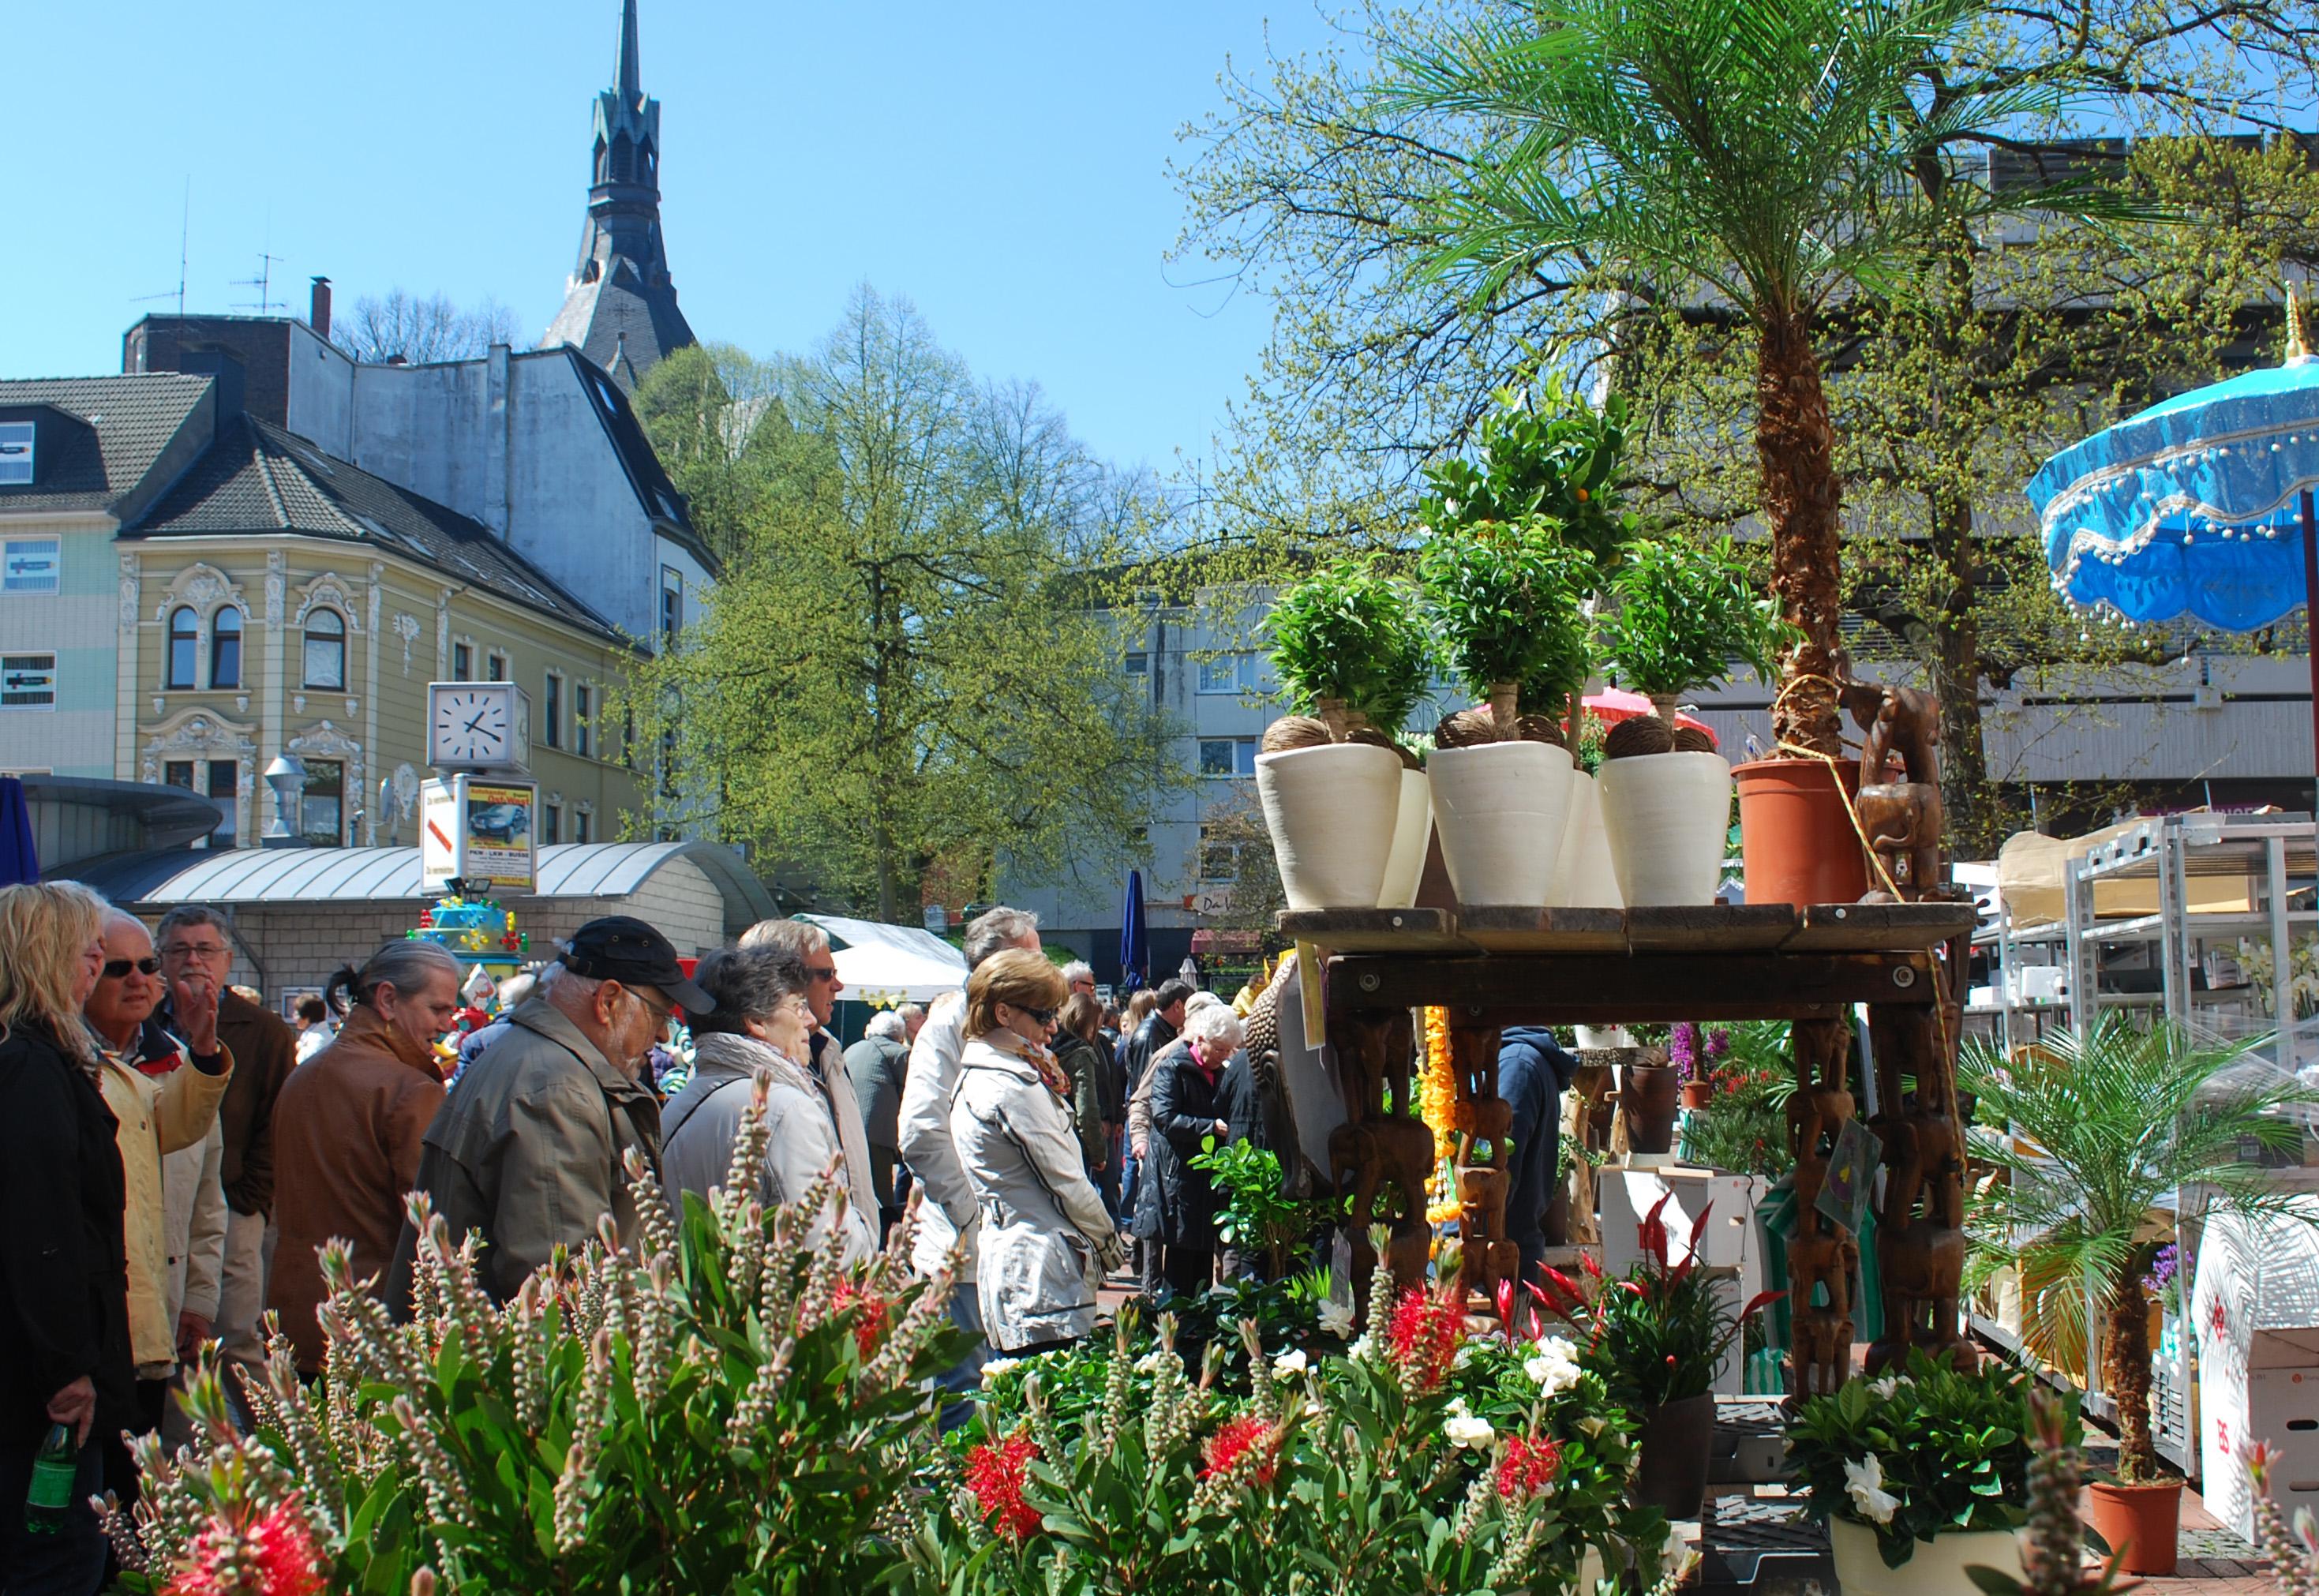 Blumen Und Pflanzenmarkt Essen Steele 2016 Gartenmessen